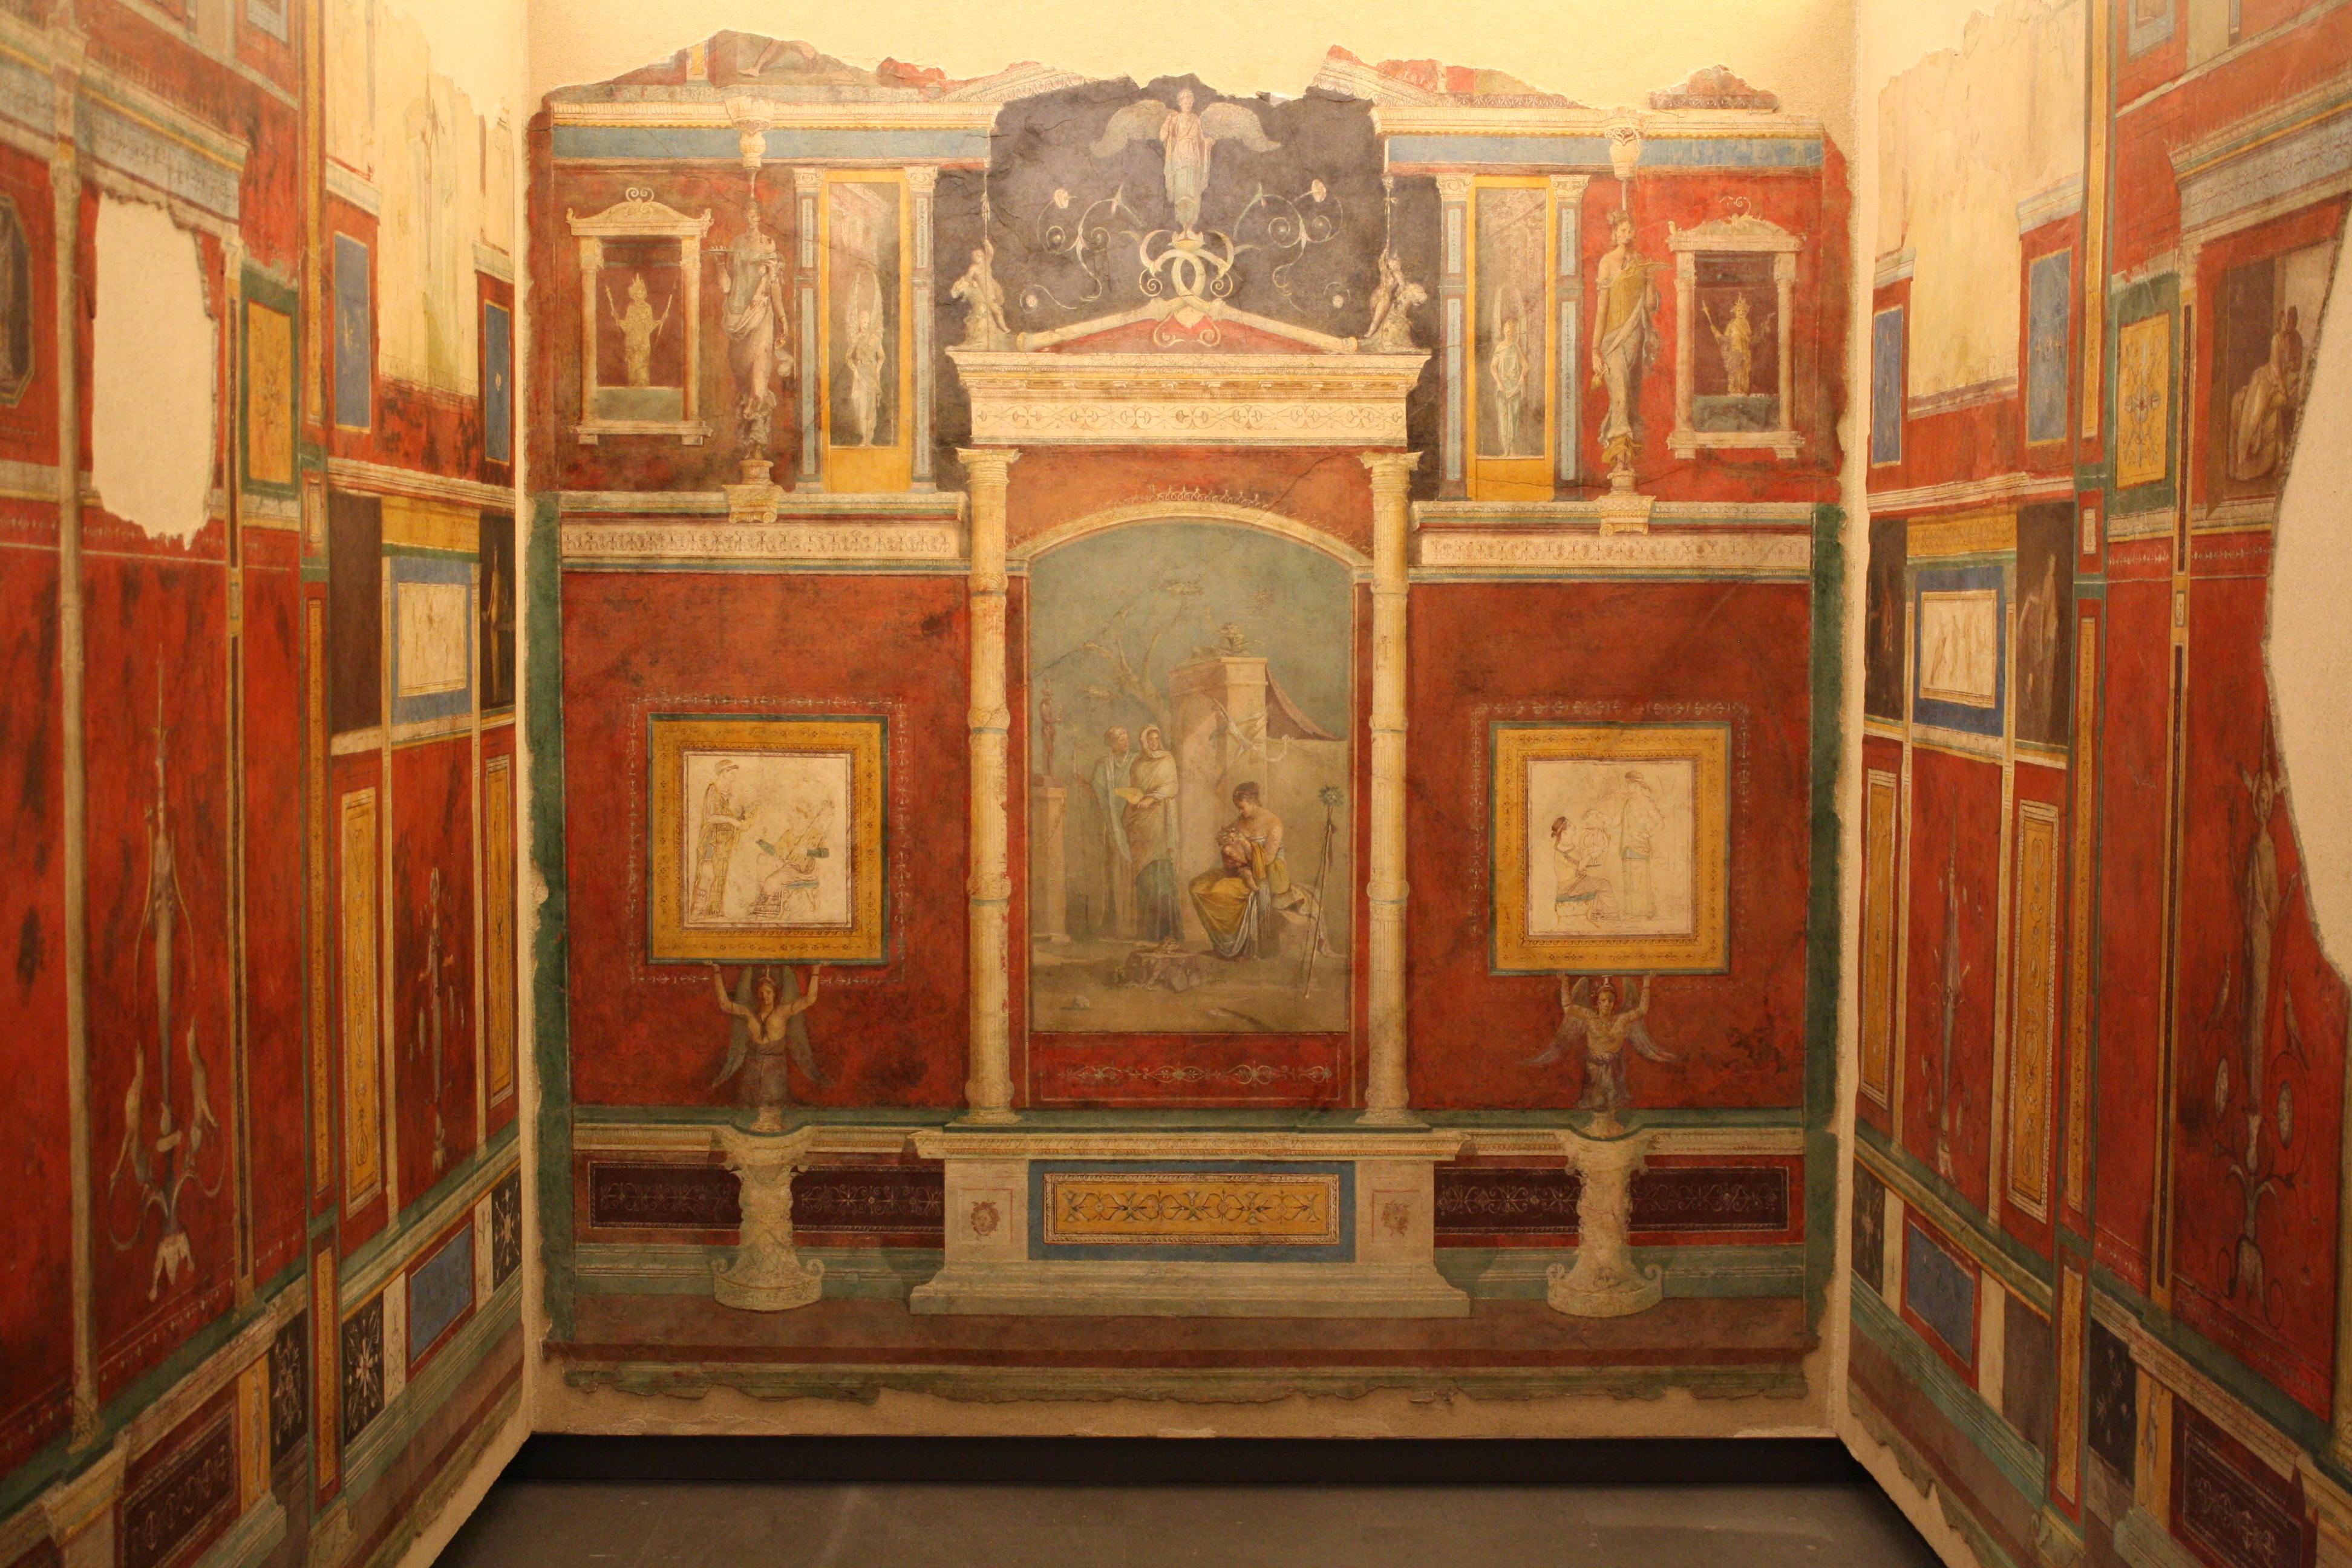 Roman Frescoed Room Illustration Ancient History Encyclopedia